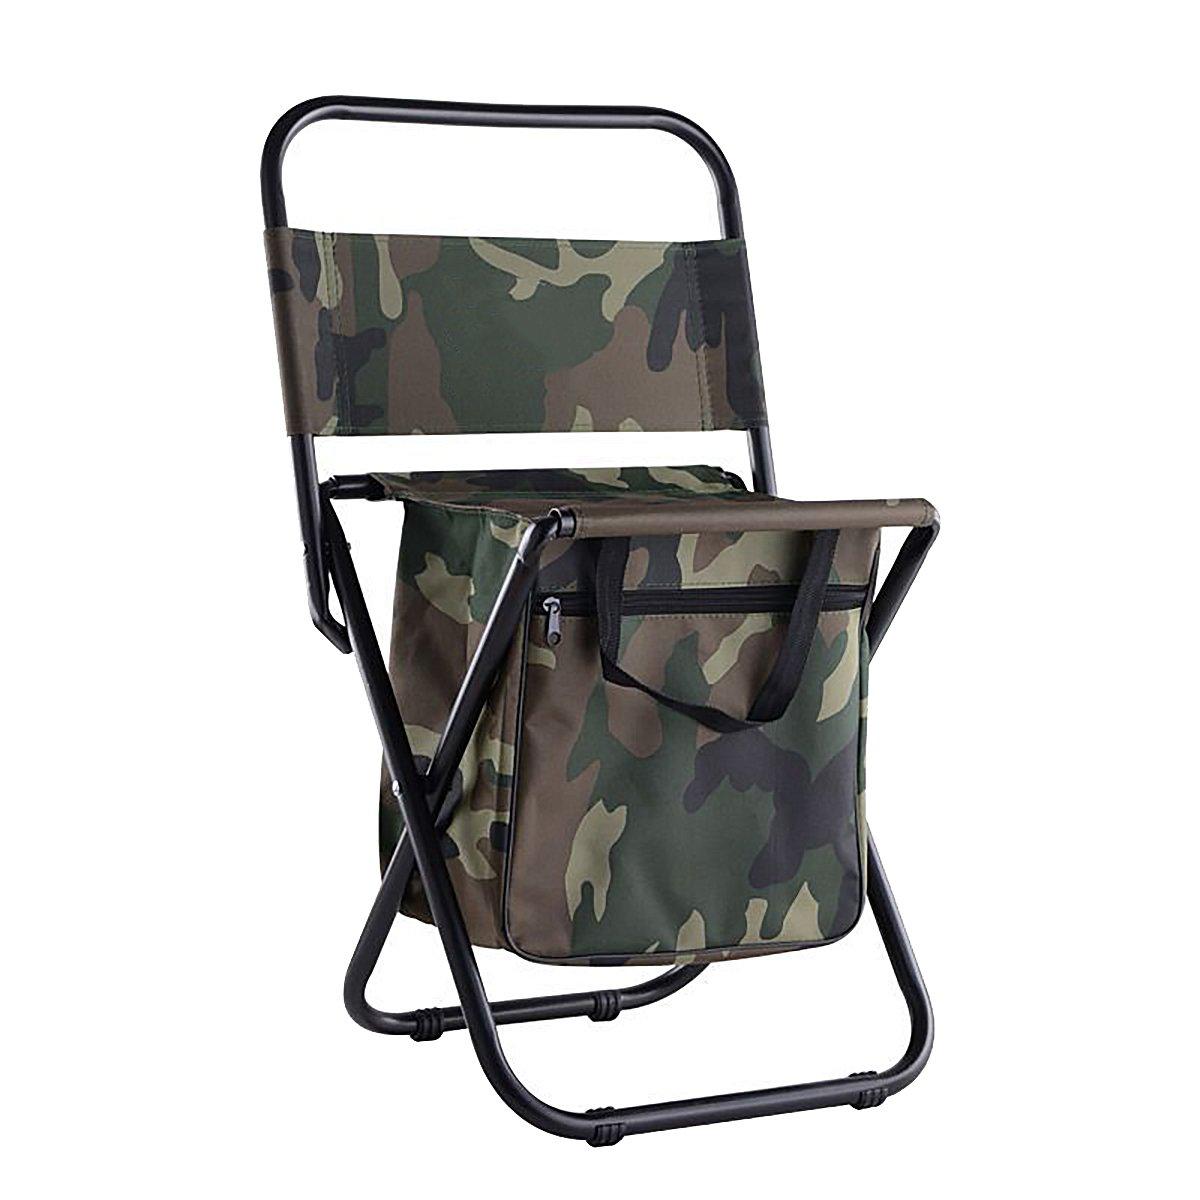 折りたたみキャンプ椅子withストレージポケットハイキング、キャンプ、釣り、ビーチ、屋外の B078MRD8YF  アーミーグリーン